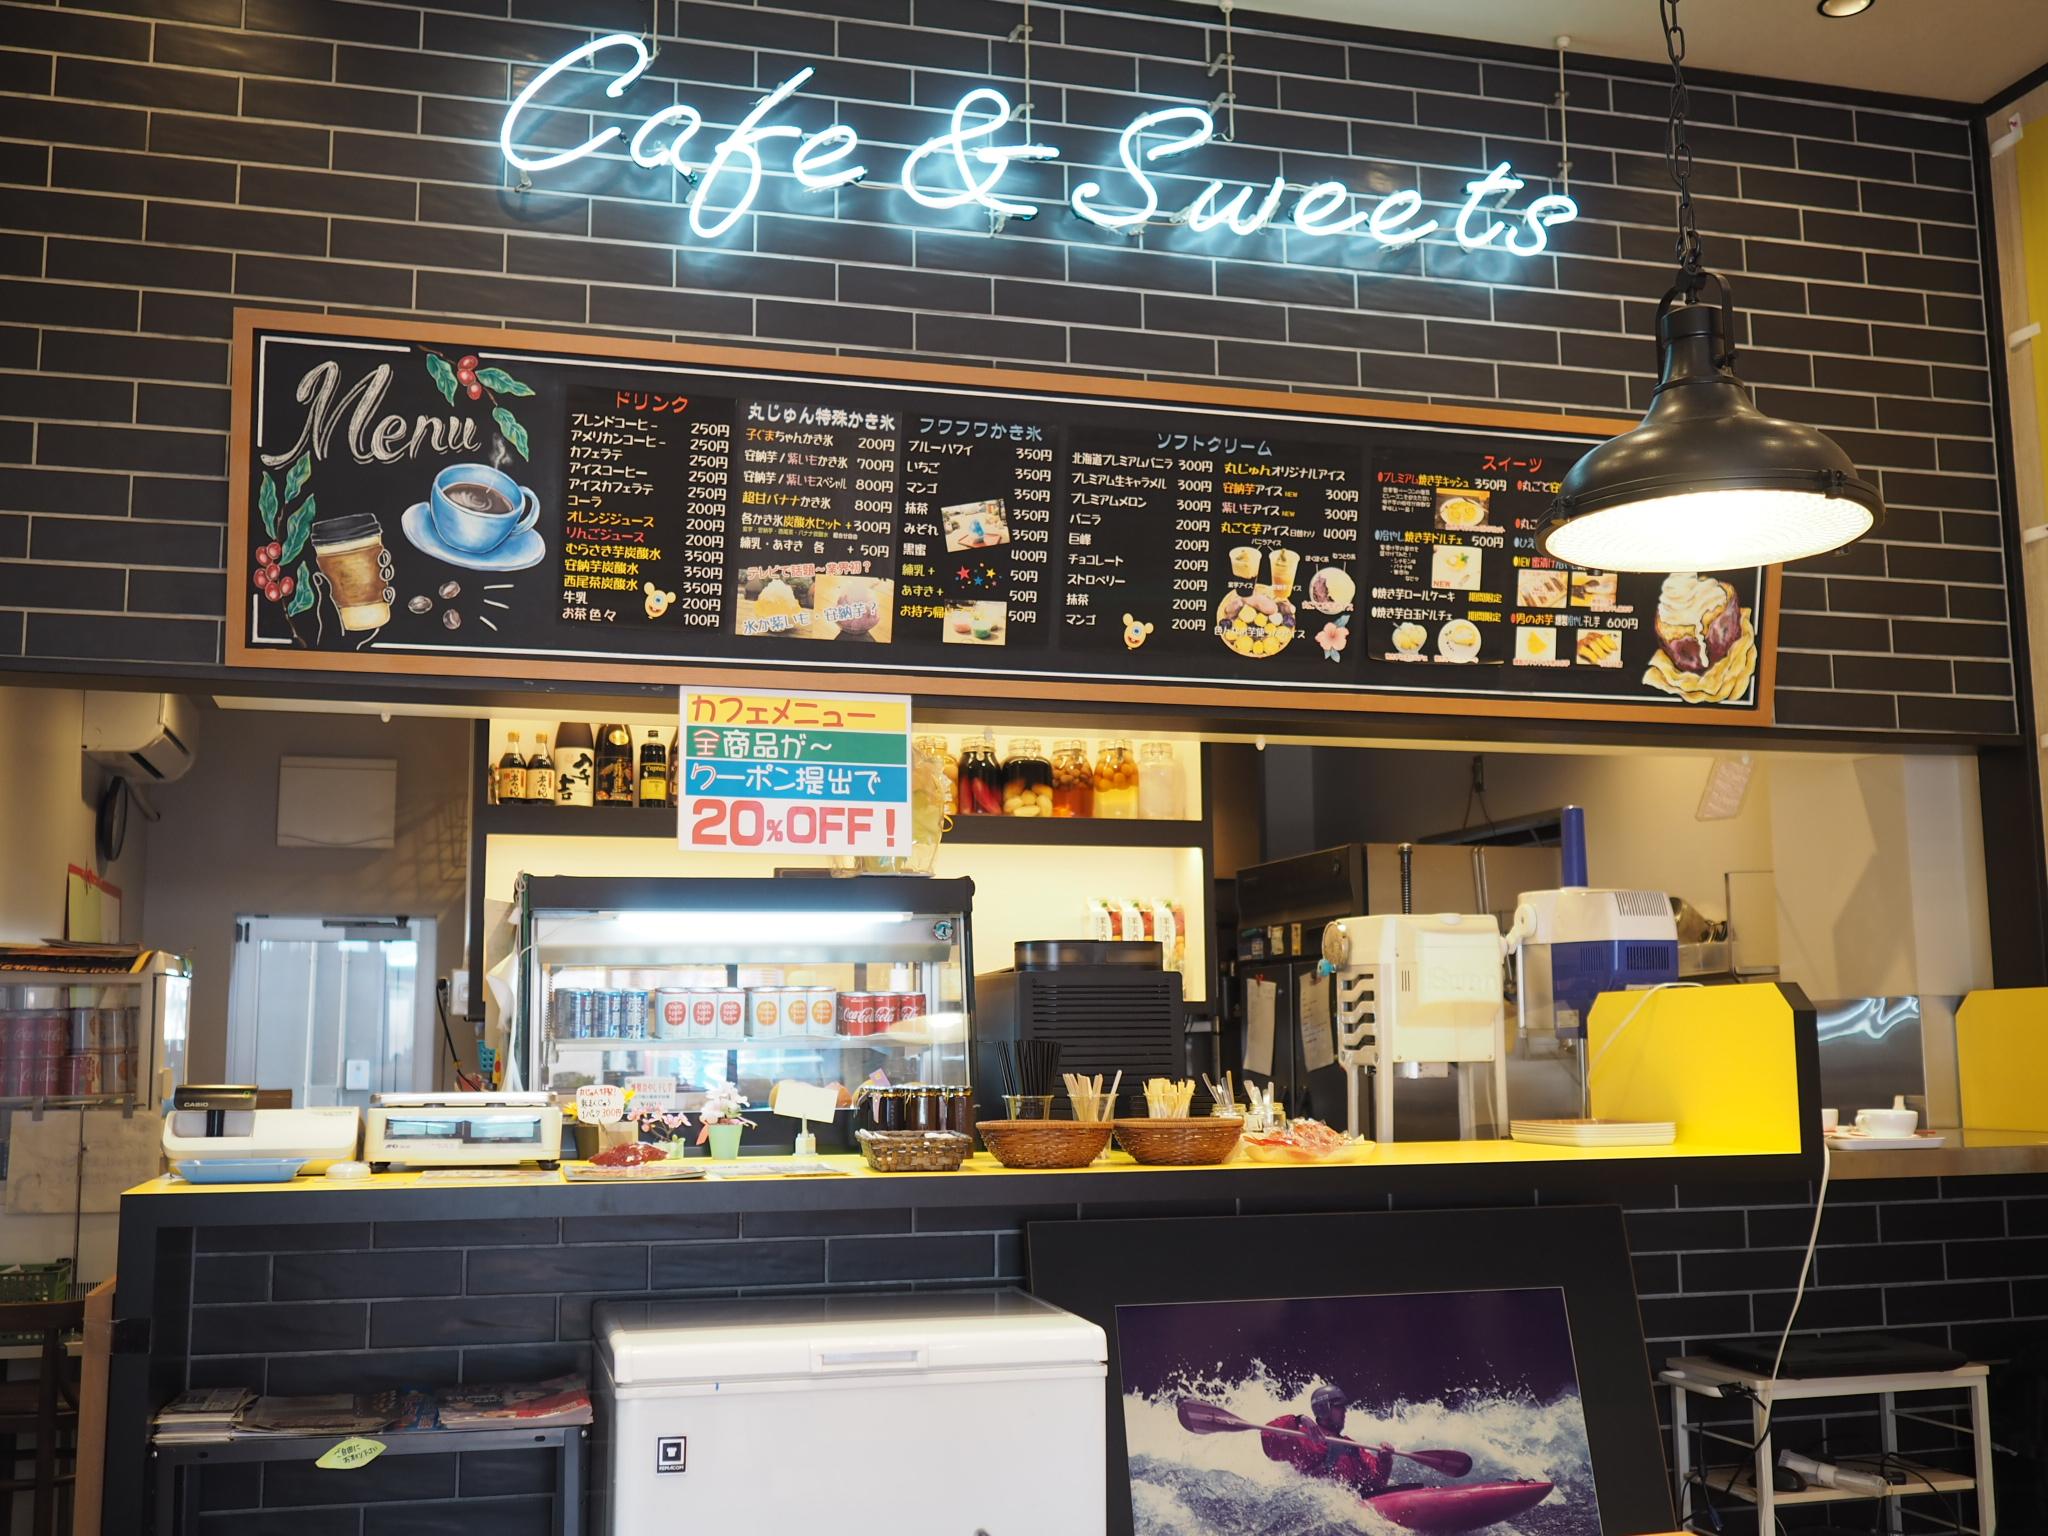 ねっとり系、ホクホク系、あなたはどっちが好き?碧南市の焼き芋専門店「やきいも丸じゅん」 - WeChat Image 20191101172356